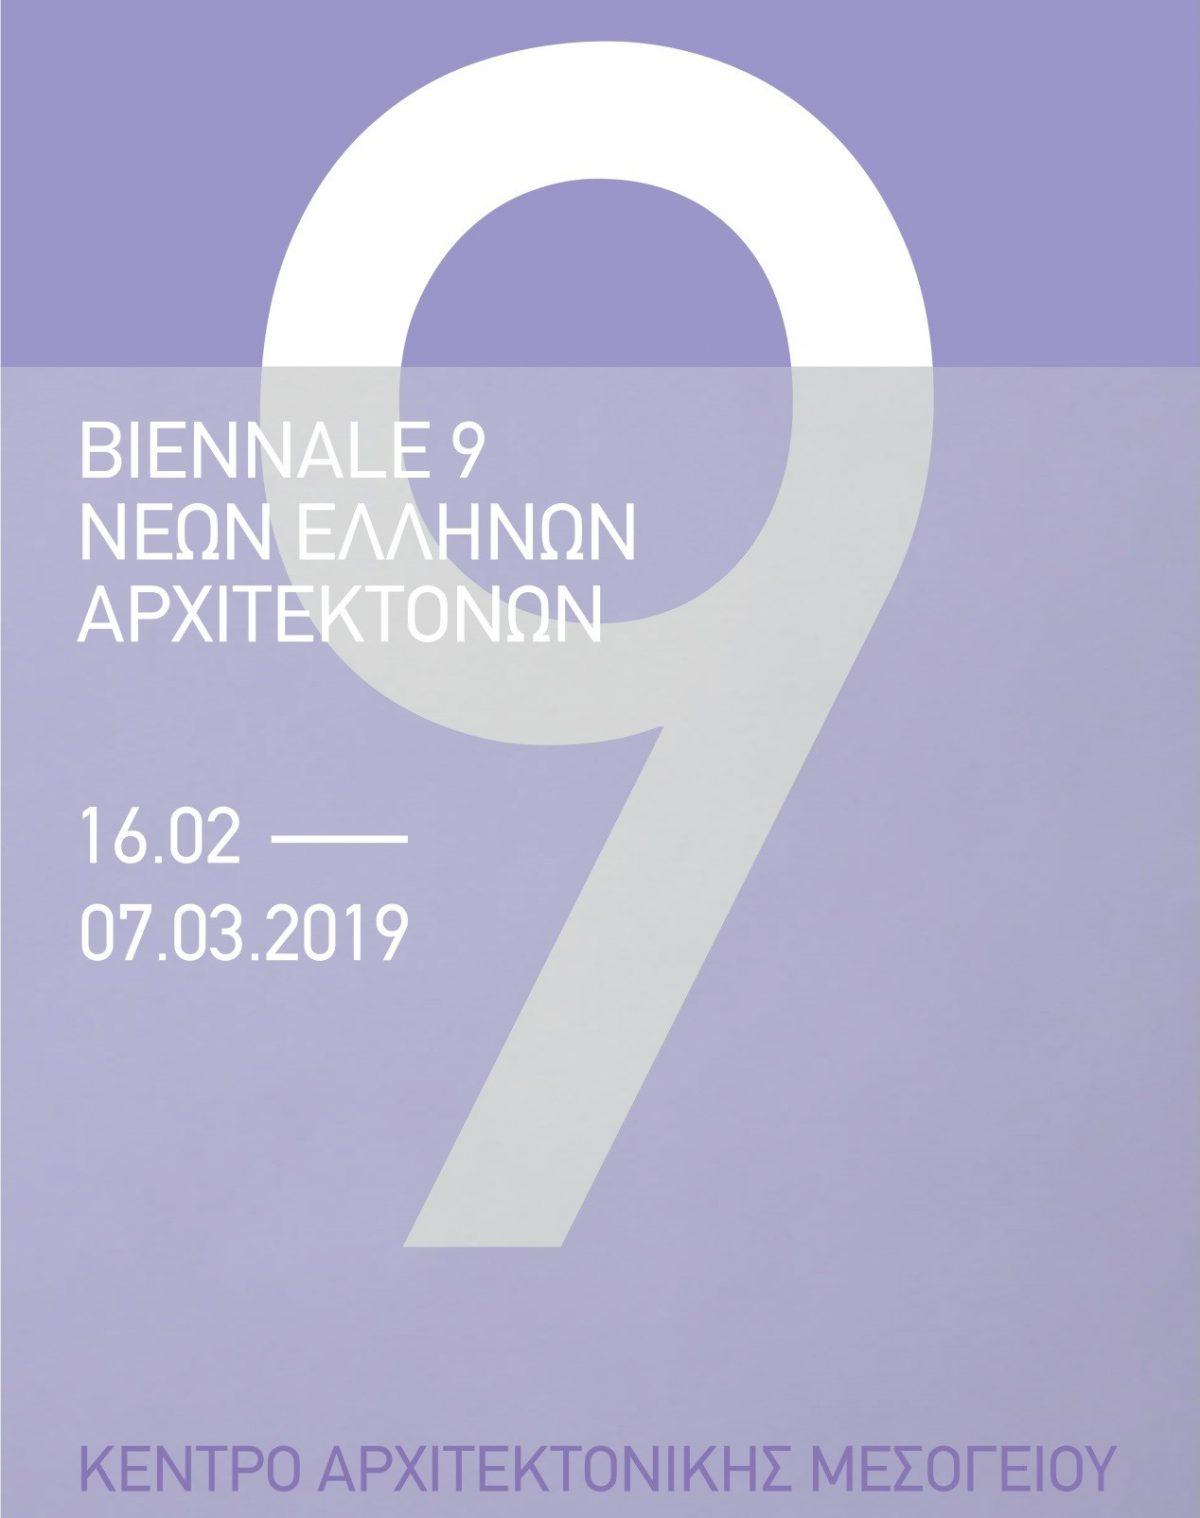 9η Biennale Νέων Αρχτιτεκτόνων, 16 Φεβρουαρίου – 7 Μαρτίου 2019, ΚΑΜ